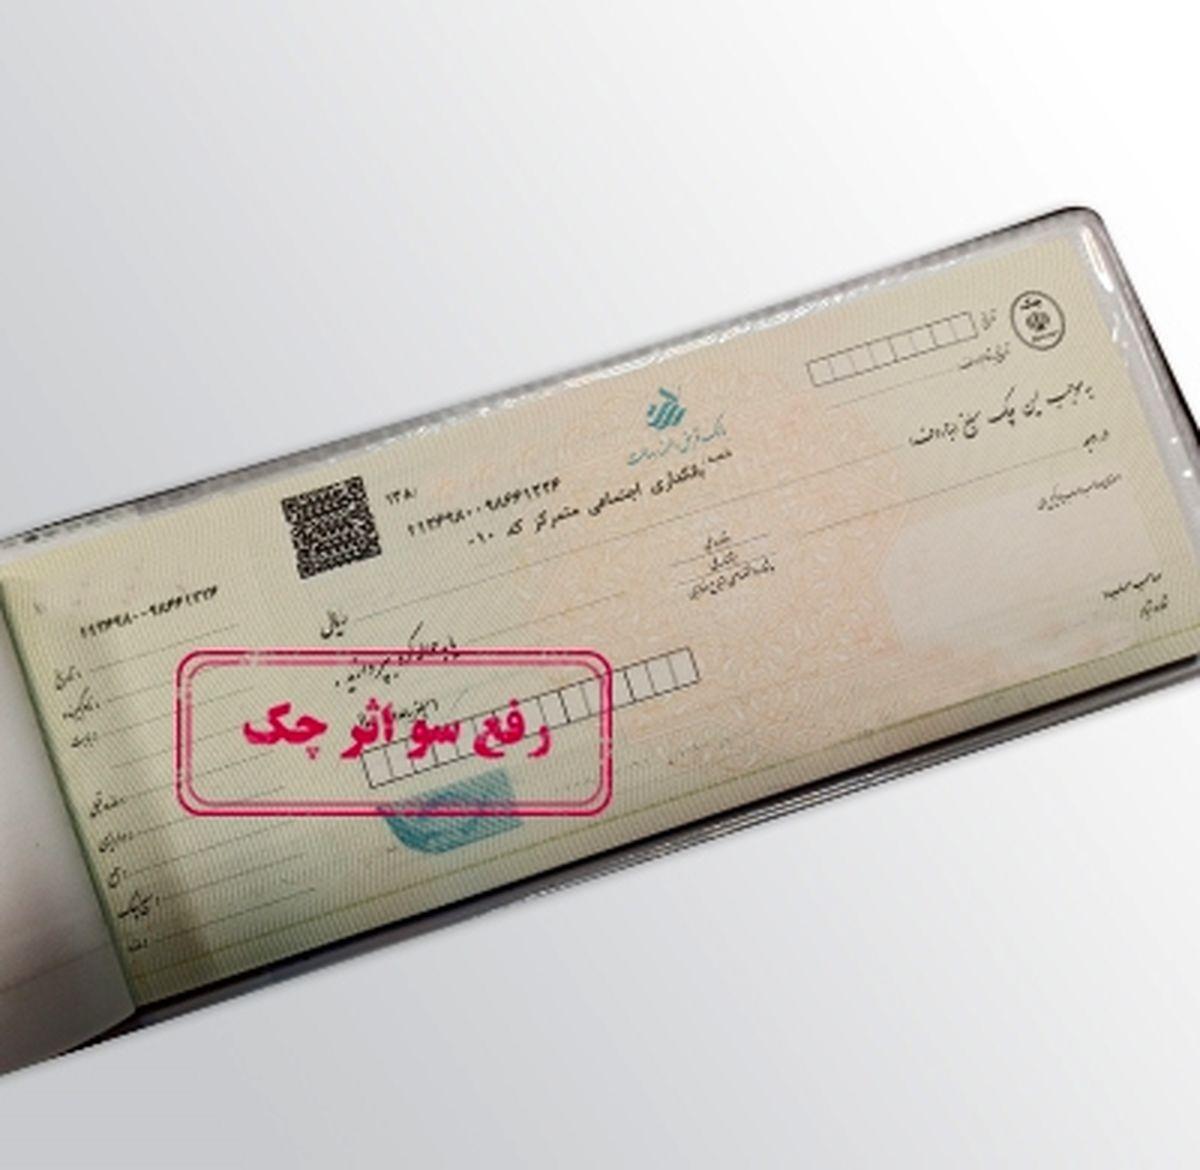 رفع سوء اثر چک در بانک رسالت غیرحضوری شد